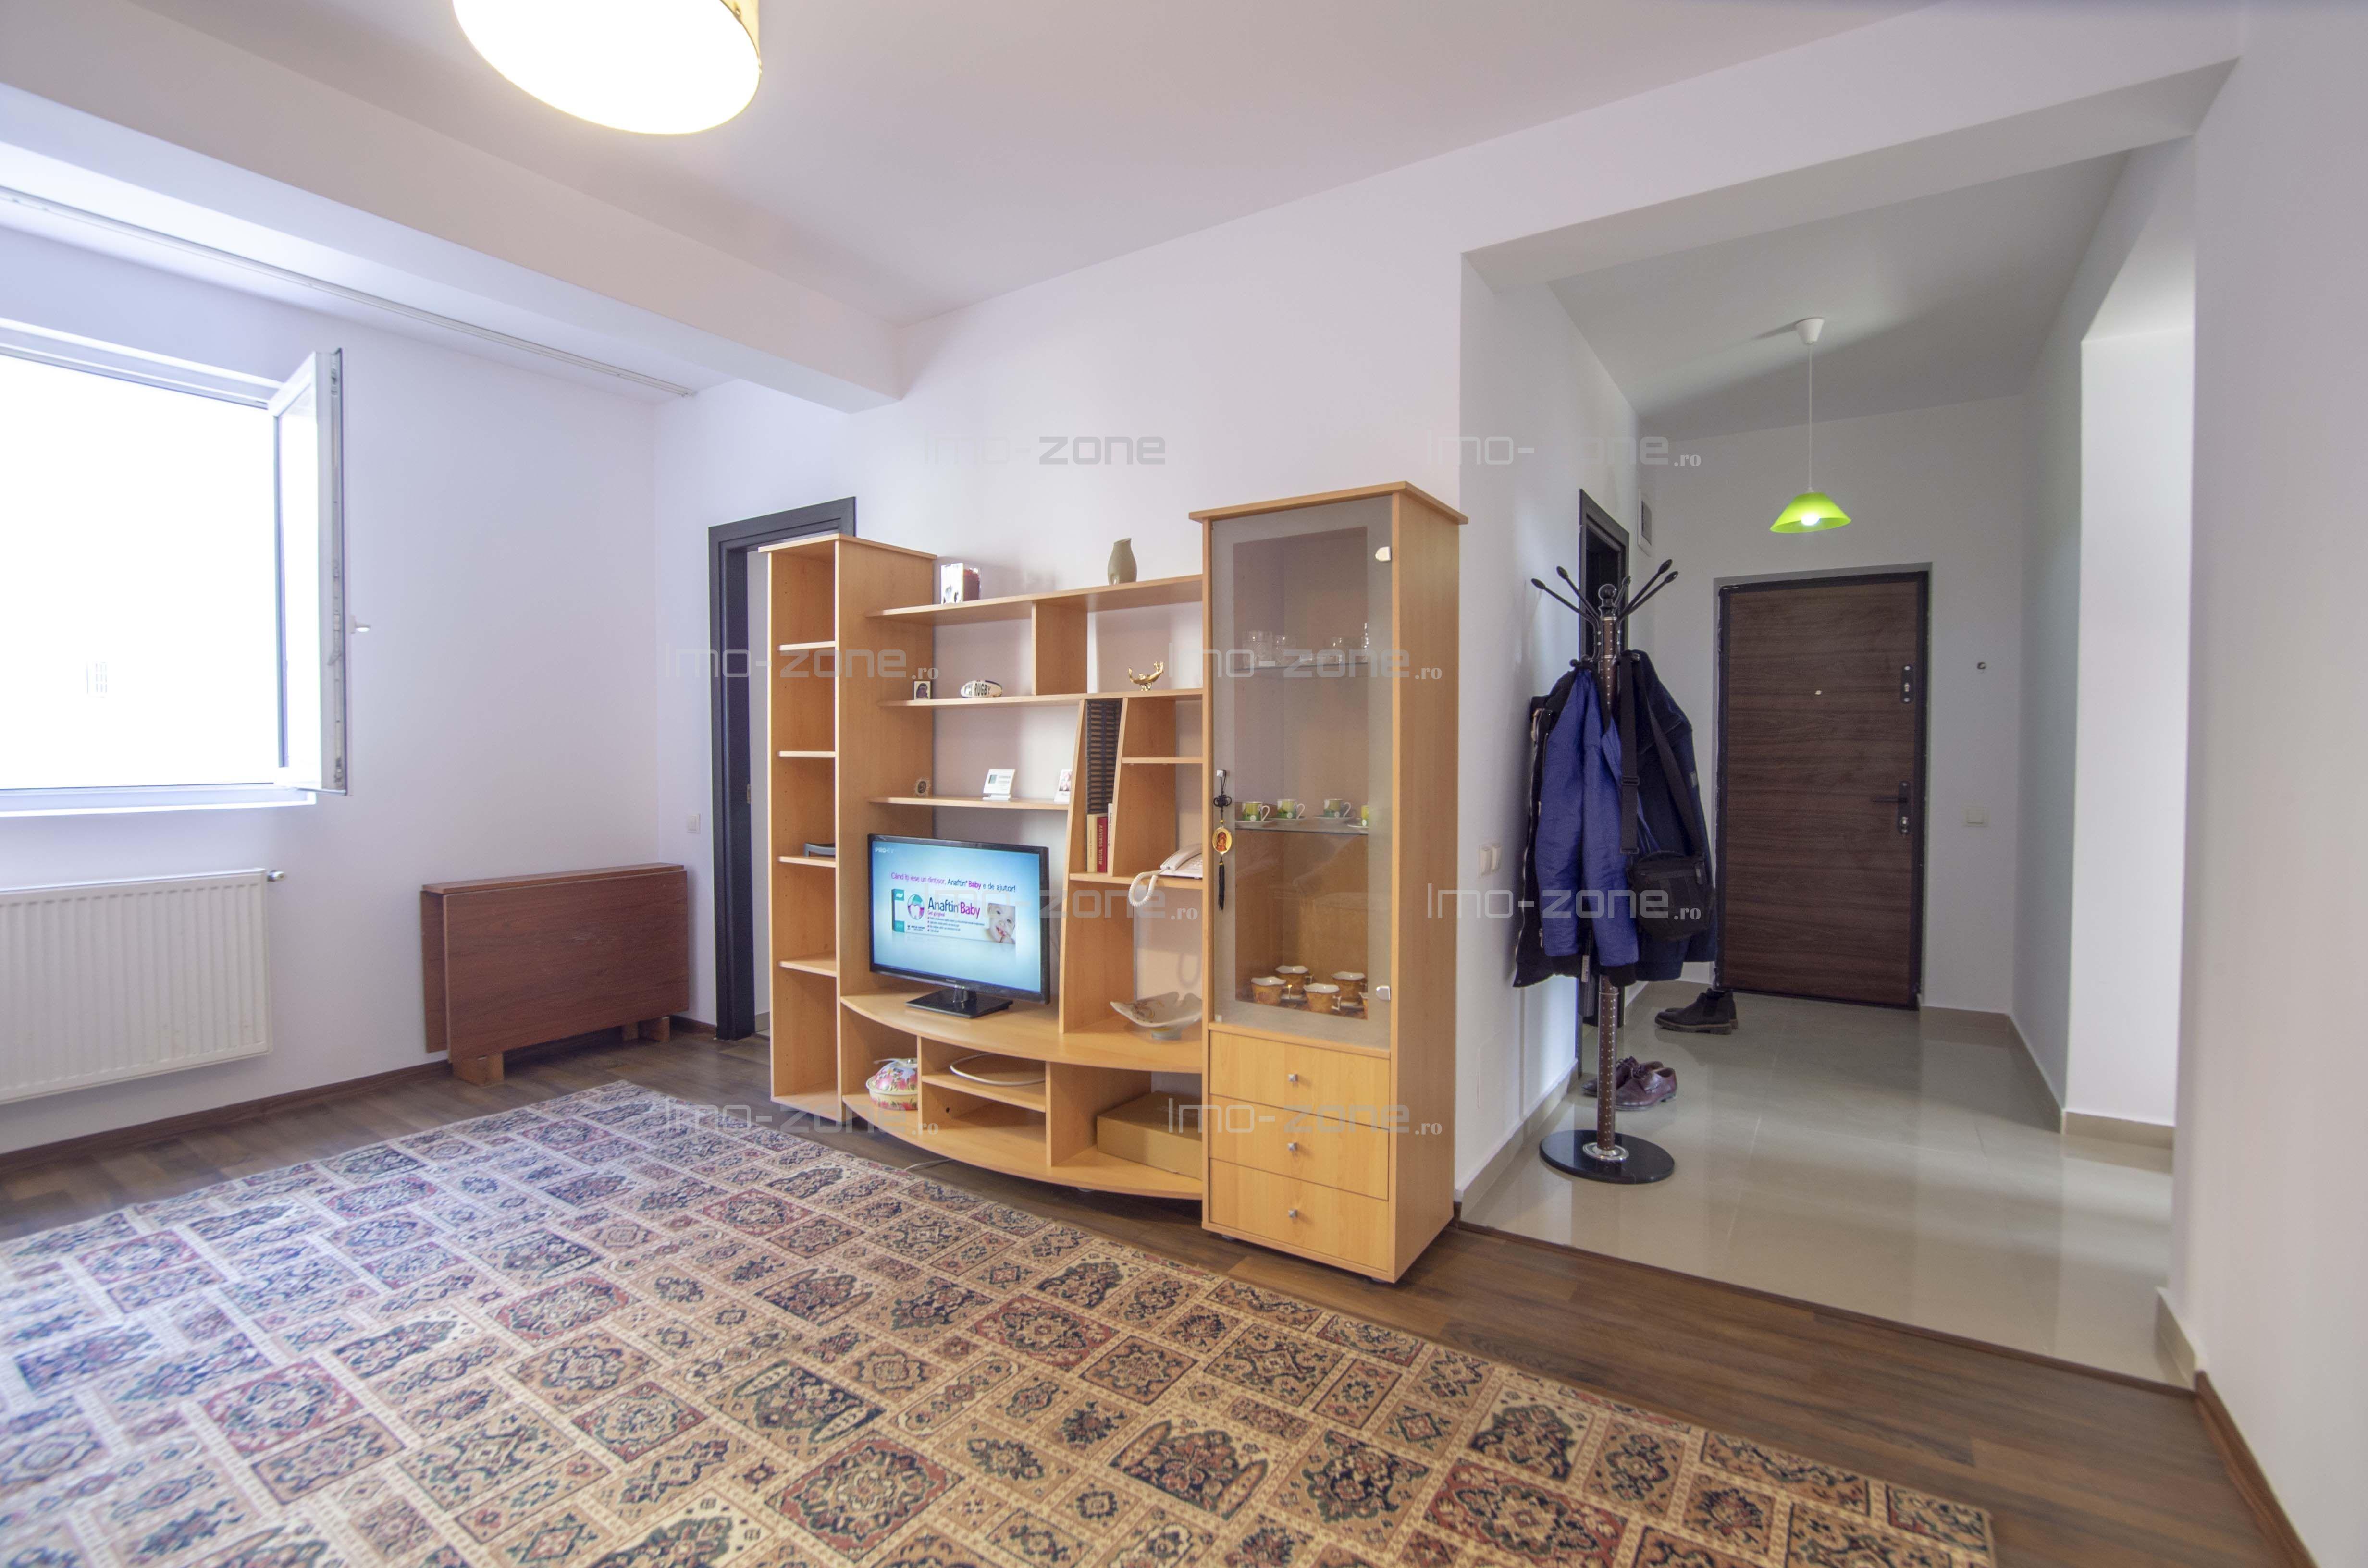 Apartament 3 camere etaj 1/4 în zona Prelungirea Ghencea sector 6